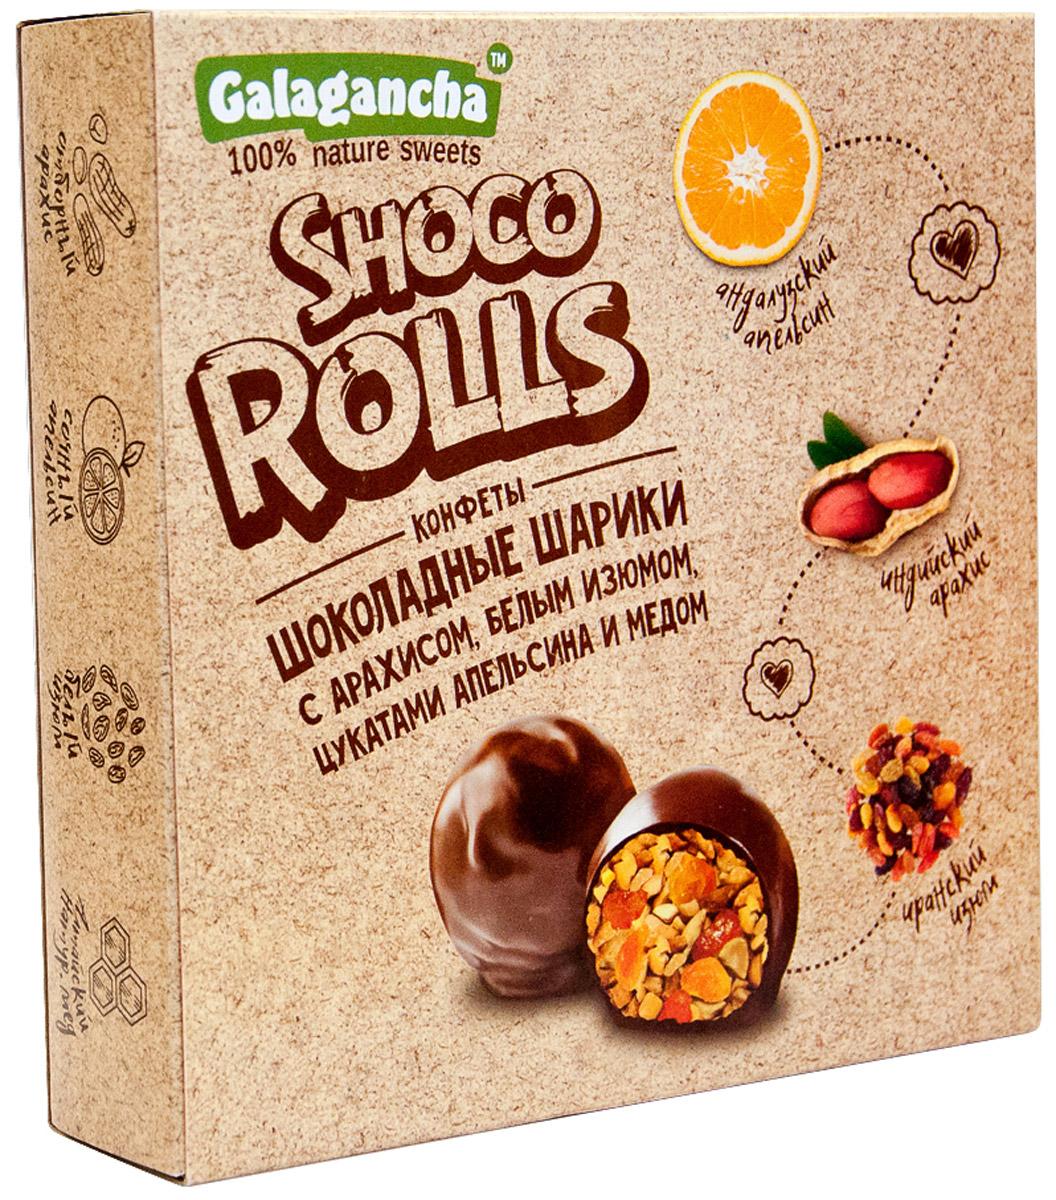 Galagancha Shoco Rolls мягкий грильяж с арахисом, 135 го0000007710100% натуральные;сниженное содержание сахара;ручная работа;идеально обжаренный арахис в сочетании с цедрой апельсина и белым вяленым виноградом;Galagancha - может быть превосходным подарком, а может быть приятными минутами домашнего вечера, а может быть …Мы не описываем вкус, ведь доверять нужно только тому, что чувствуешь сам. Попробуйте - не пожалеете.Уважаемые клиенты! Обращаем ваше внимание, что полный перечень состава продукта представлен на дополнительном изображении.